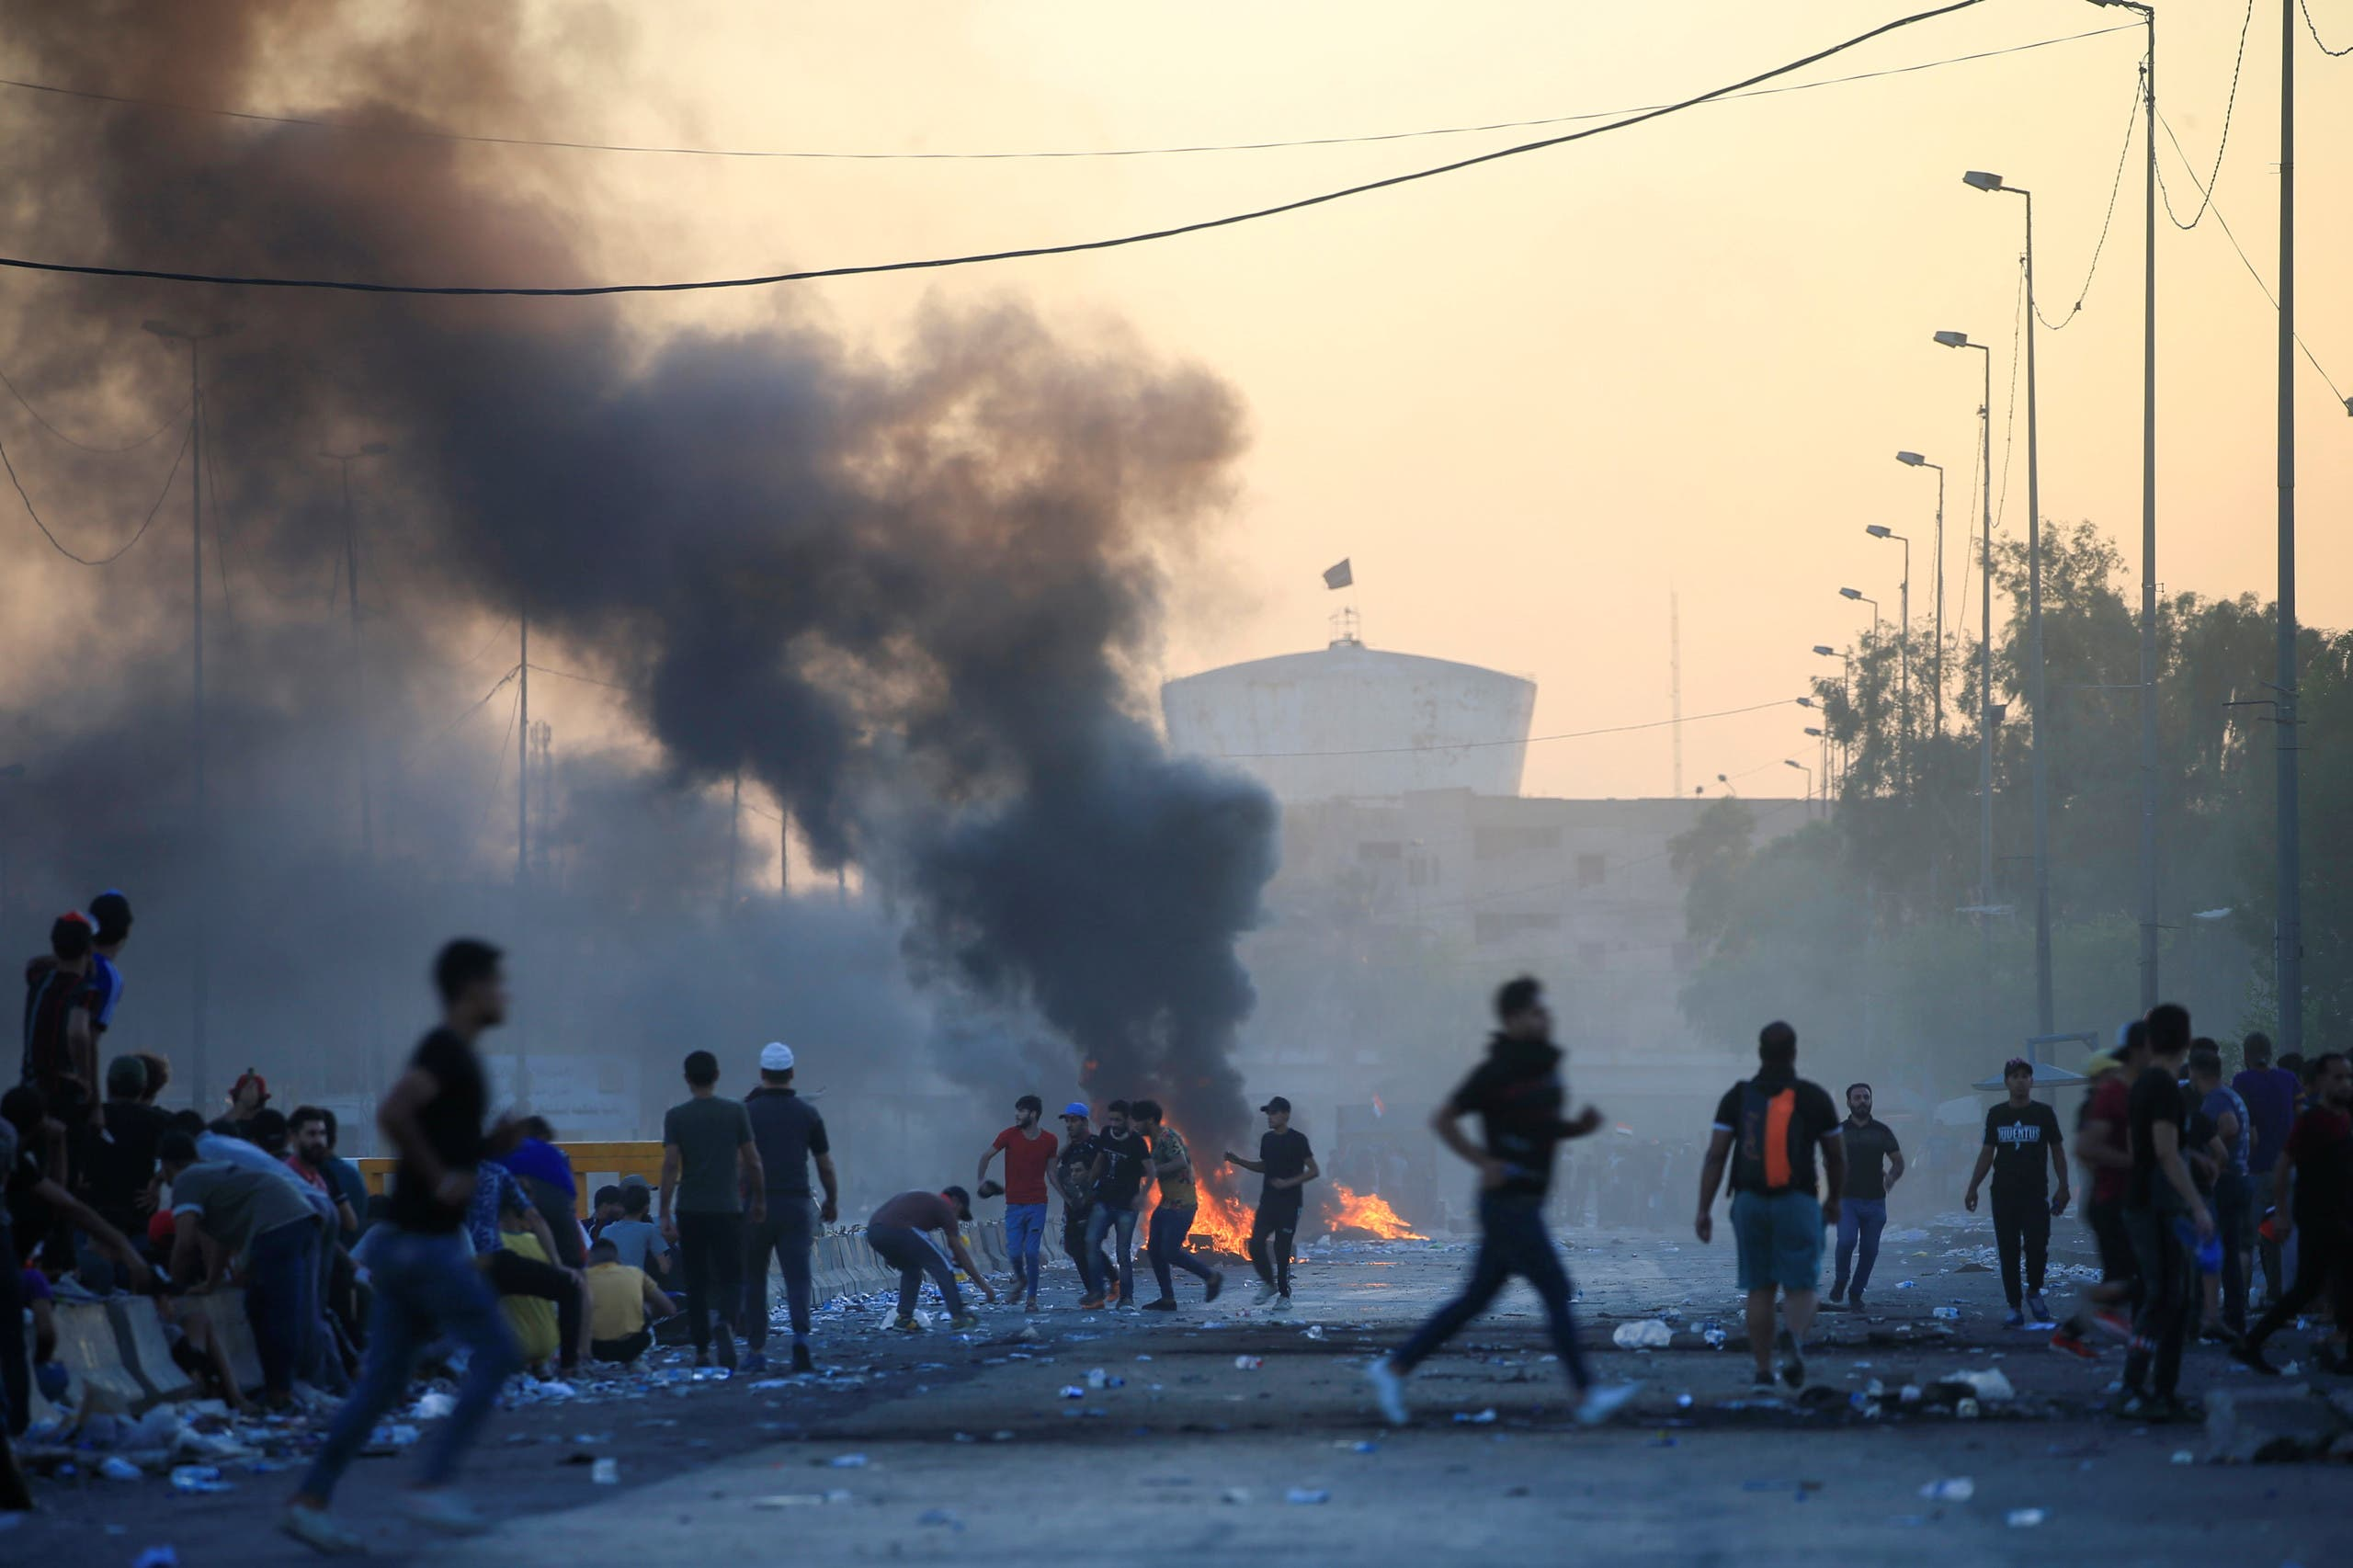 مظاهرات العراق من رويترز 4 أكتوبر